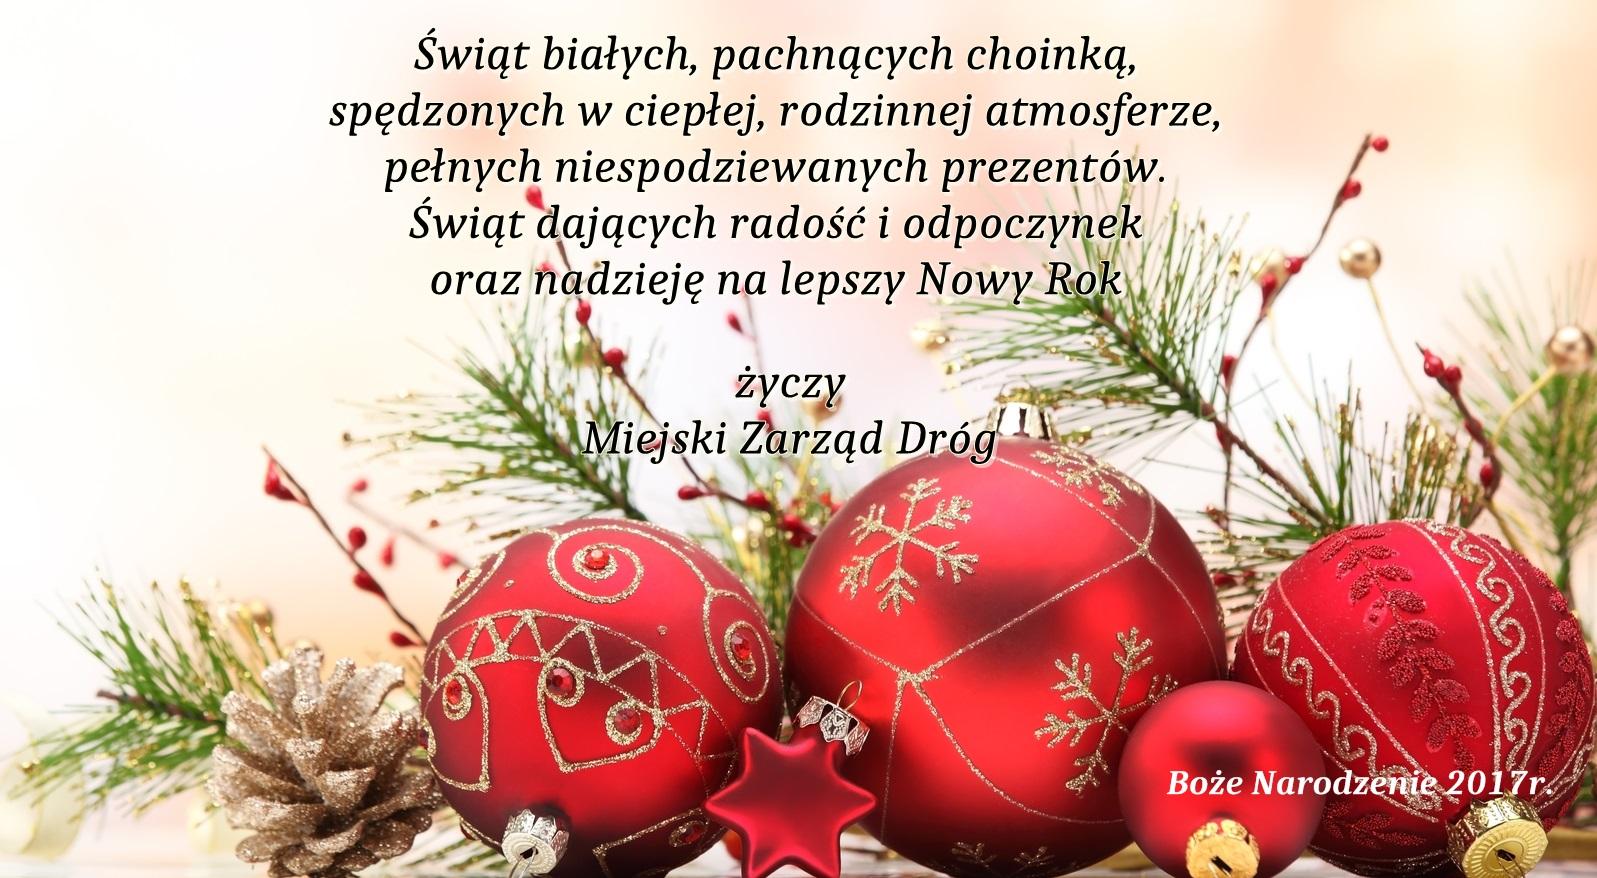 Najlepsze świąteczne życzenia!